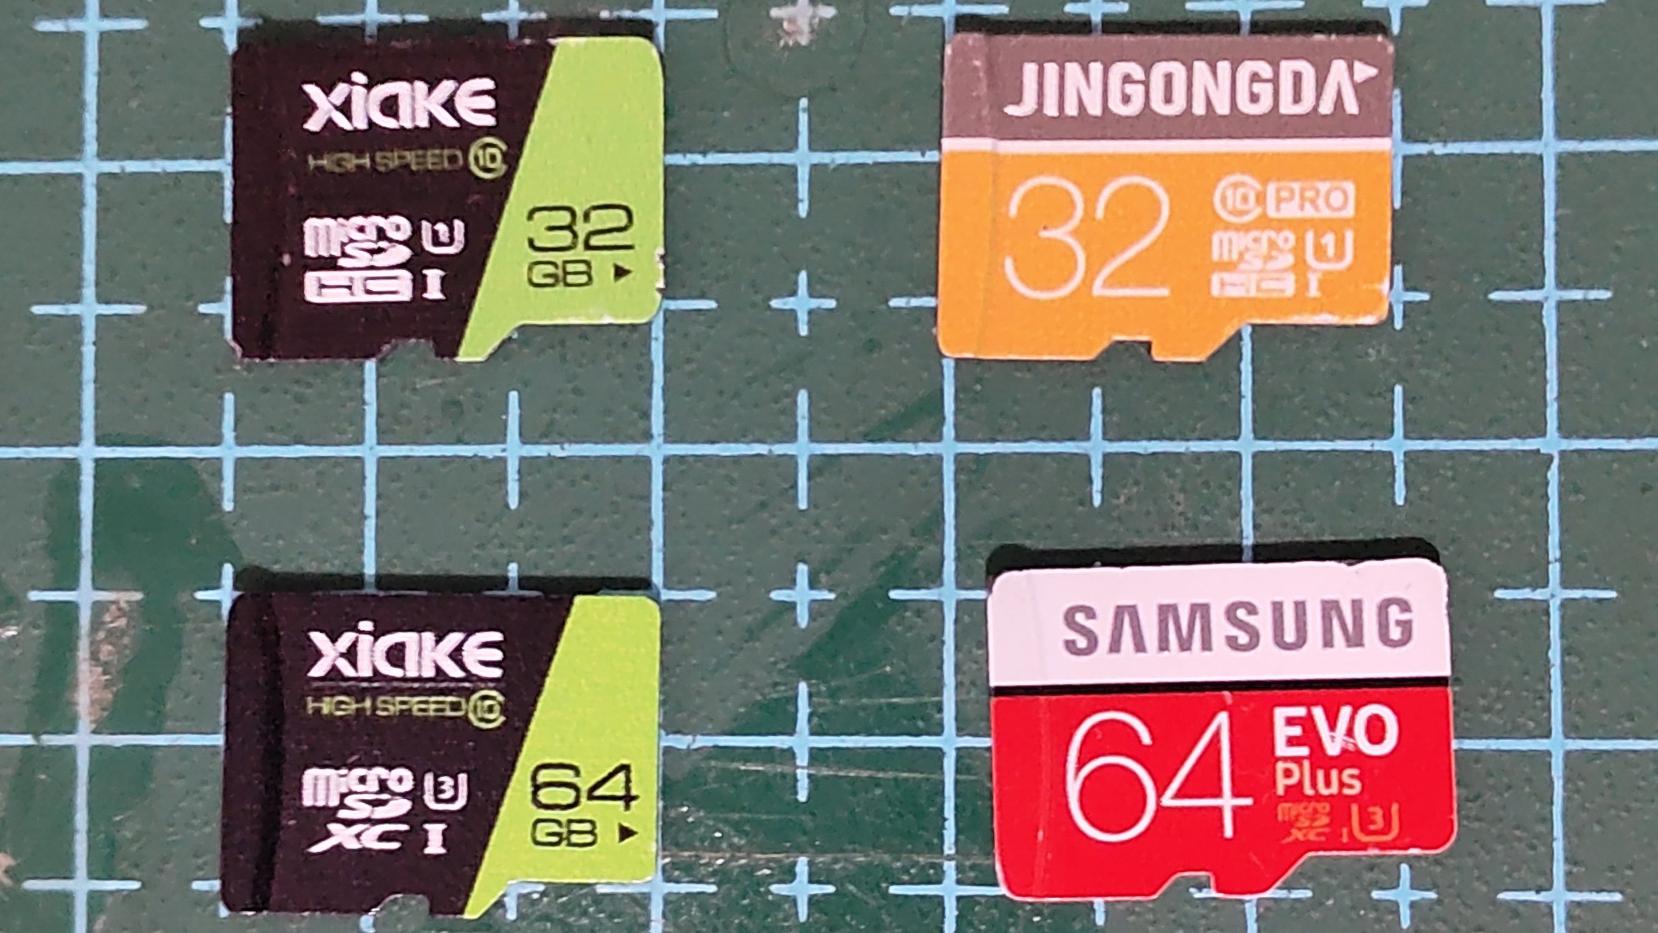 【超A新生计划】9.3元的杂牌64GB内存卡买了会翻车吗?